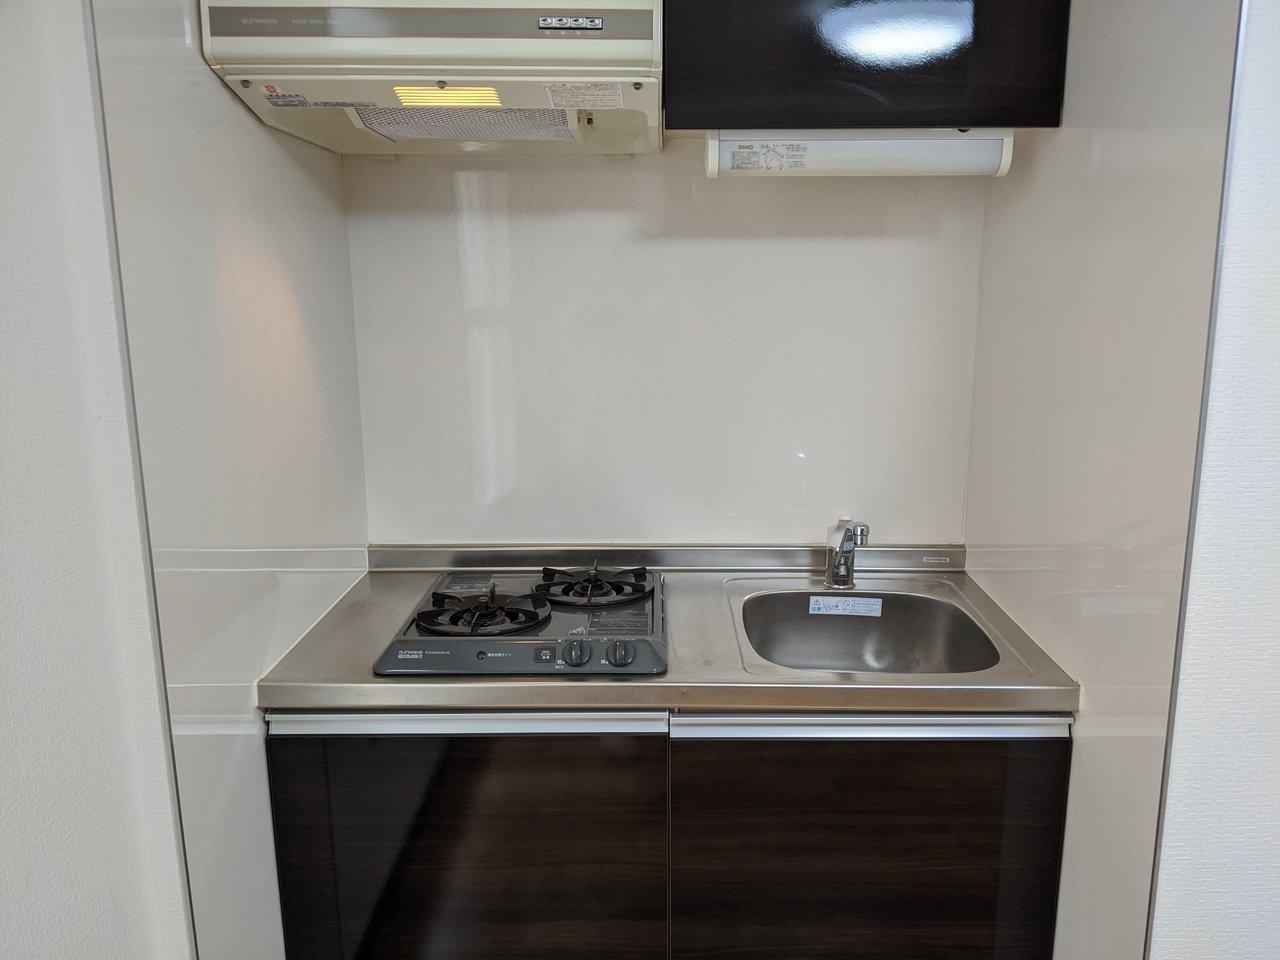 二口コンロ付きのシステムキッチンもありました。作業スペースが少なめなので、シンクにかけるラックのようなものがあると便利そうです。